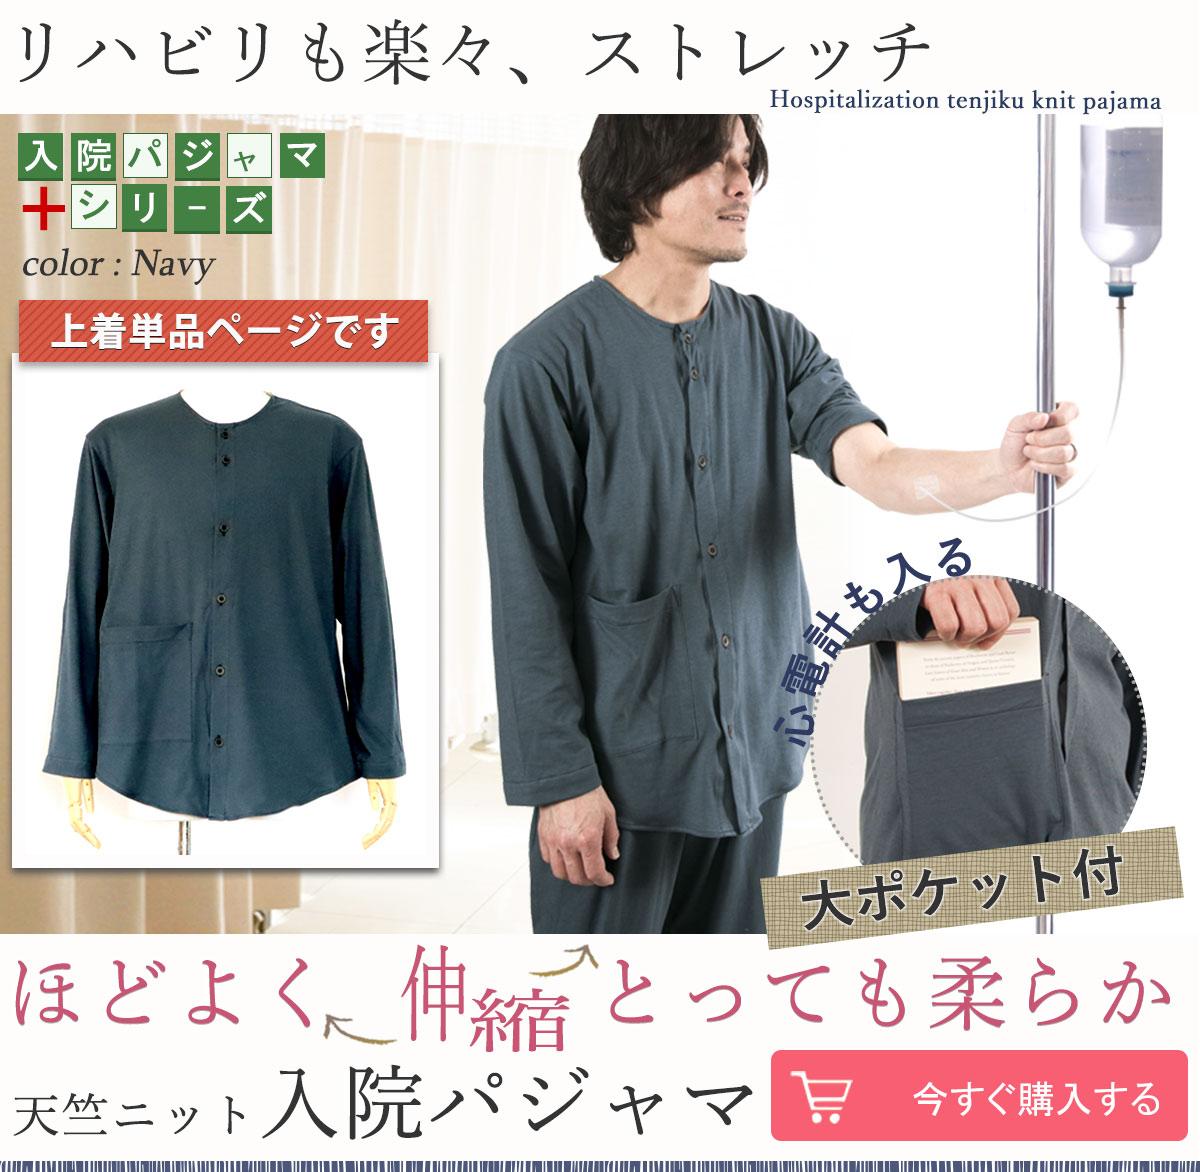 メンズパジャマ上着のみ 入院用|綿ニット・長袖・前開き・襟なし